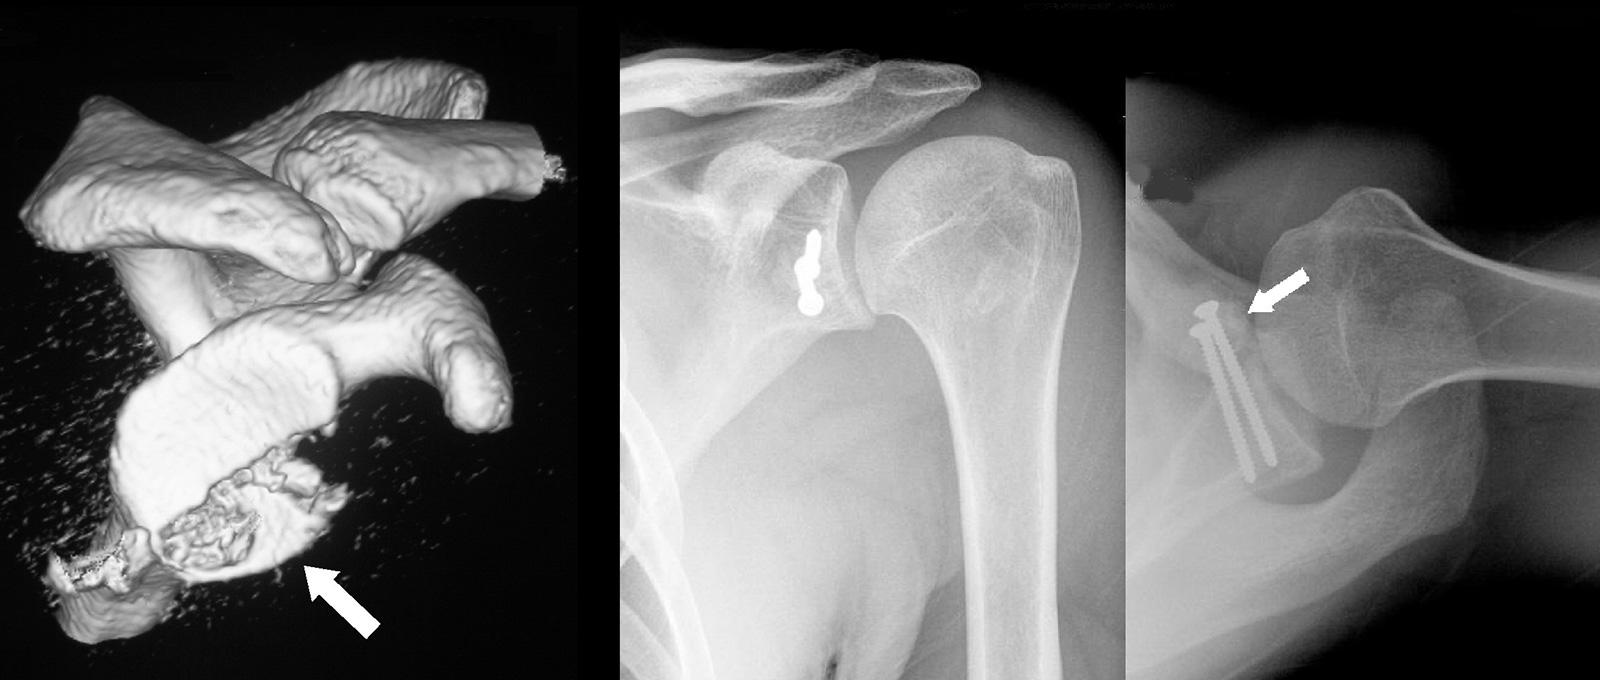 Abb. 2-31: Zustand nach einer schweren traumatischen Schulterluxation mit einer großen knöchernen Bankartläsion (intraartikuläre Glenoidfraktur) in der Computertomografie (A). Bei einer ausgeprägten knöchernen Bankartläsion ist oft eine Refixierung des kn